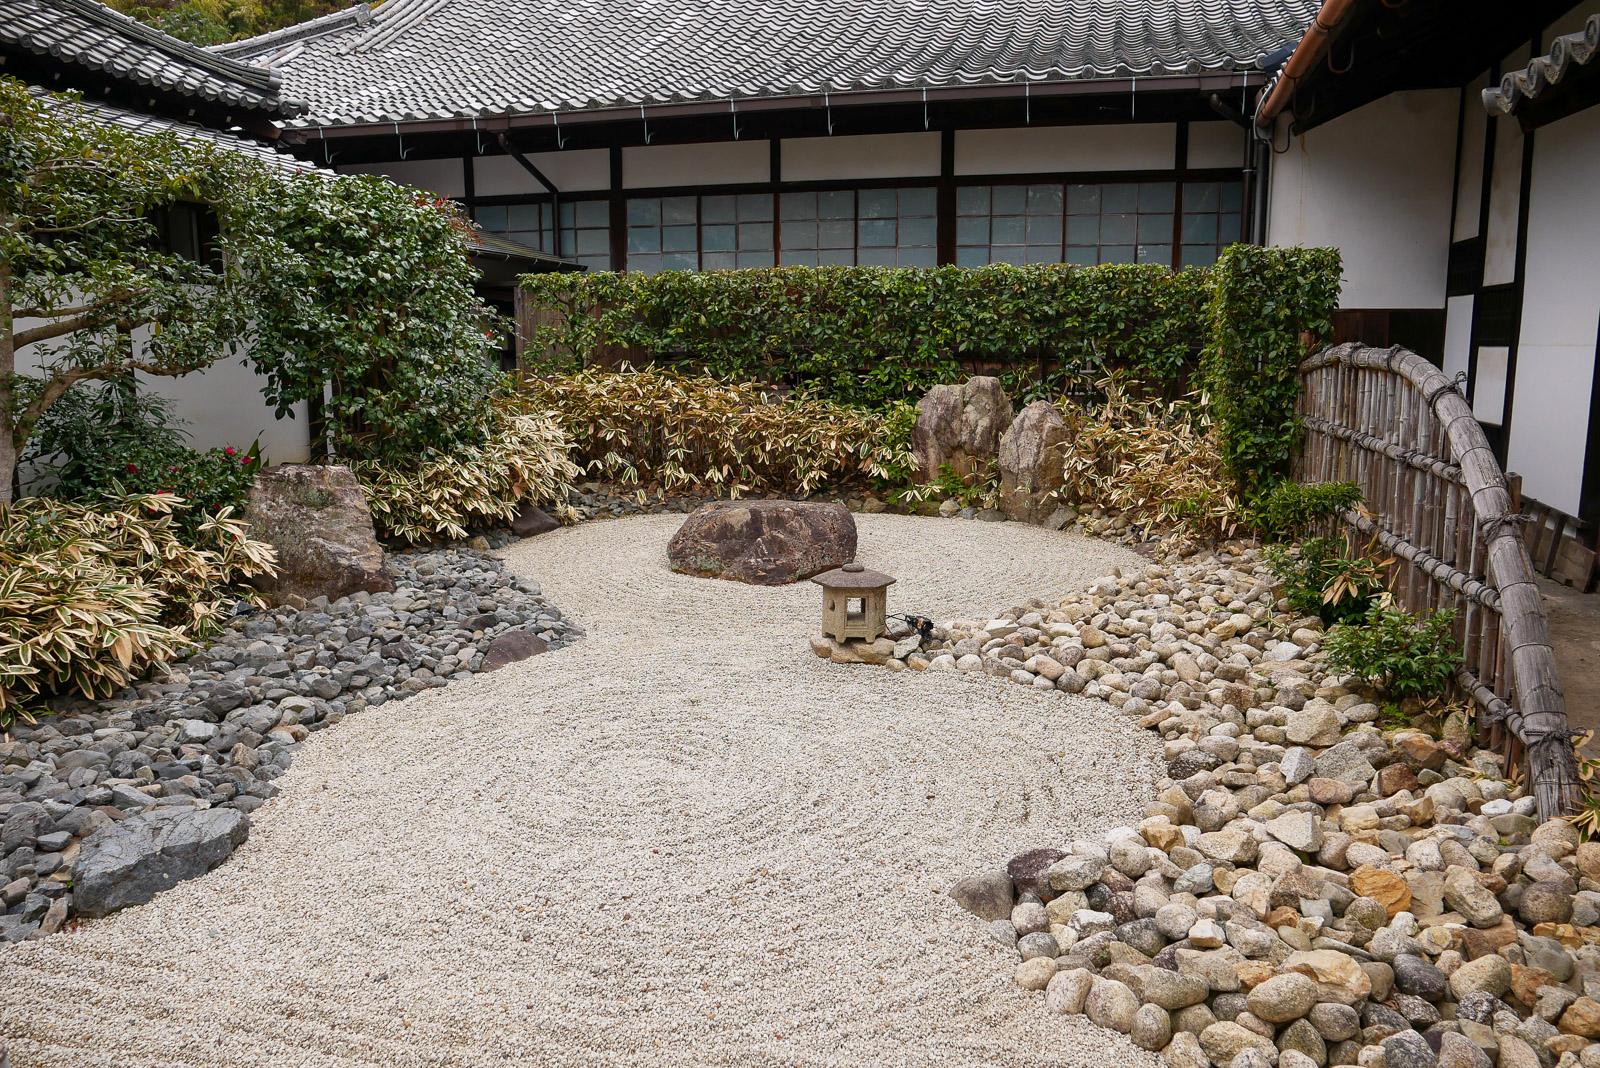 龍のいる庭 青蓮院庭園